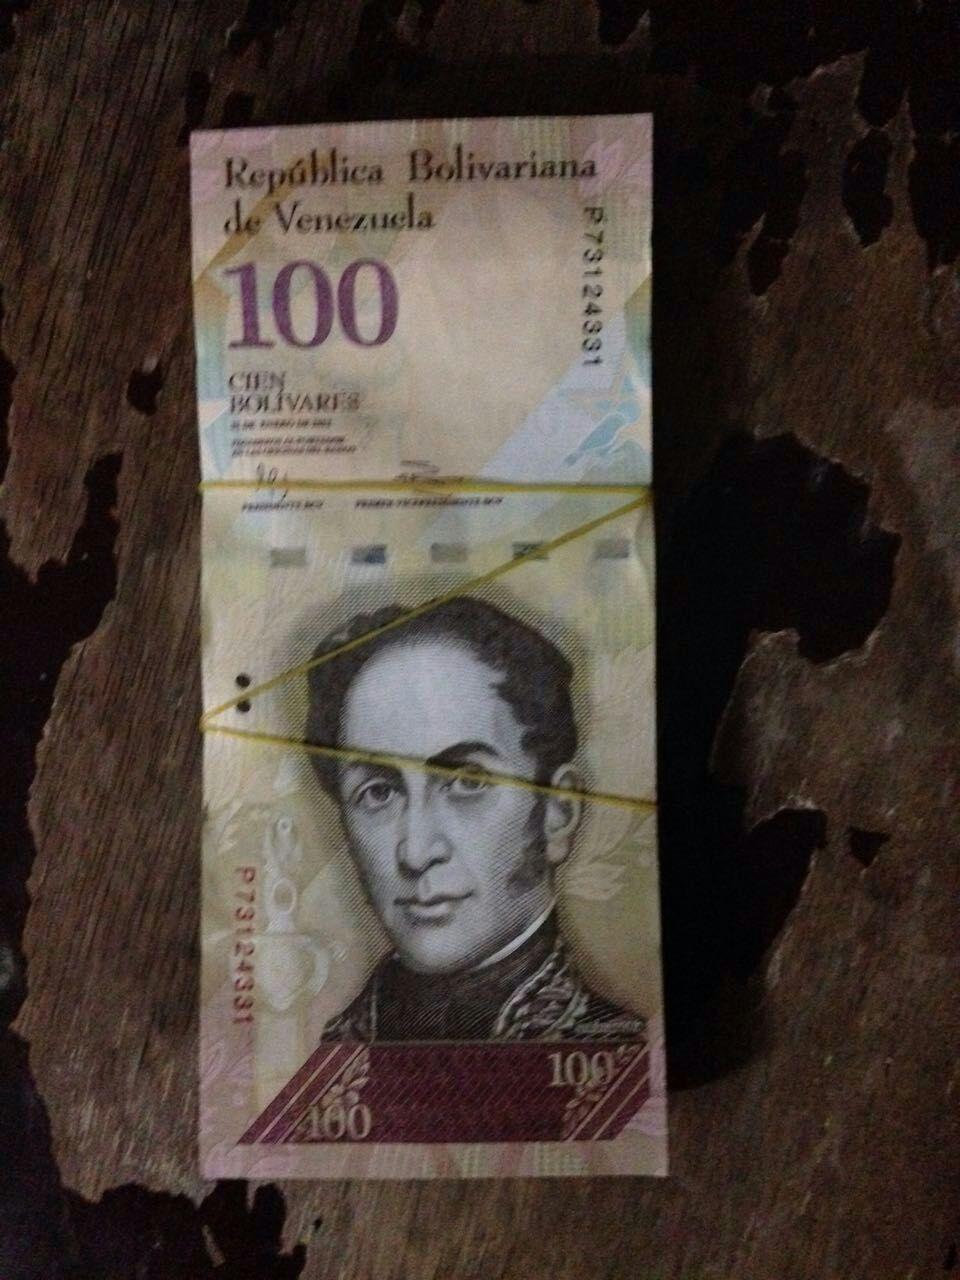 大量出售委内瑞拉币[中国投资资讯网交易在线